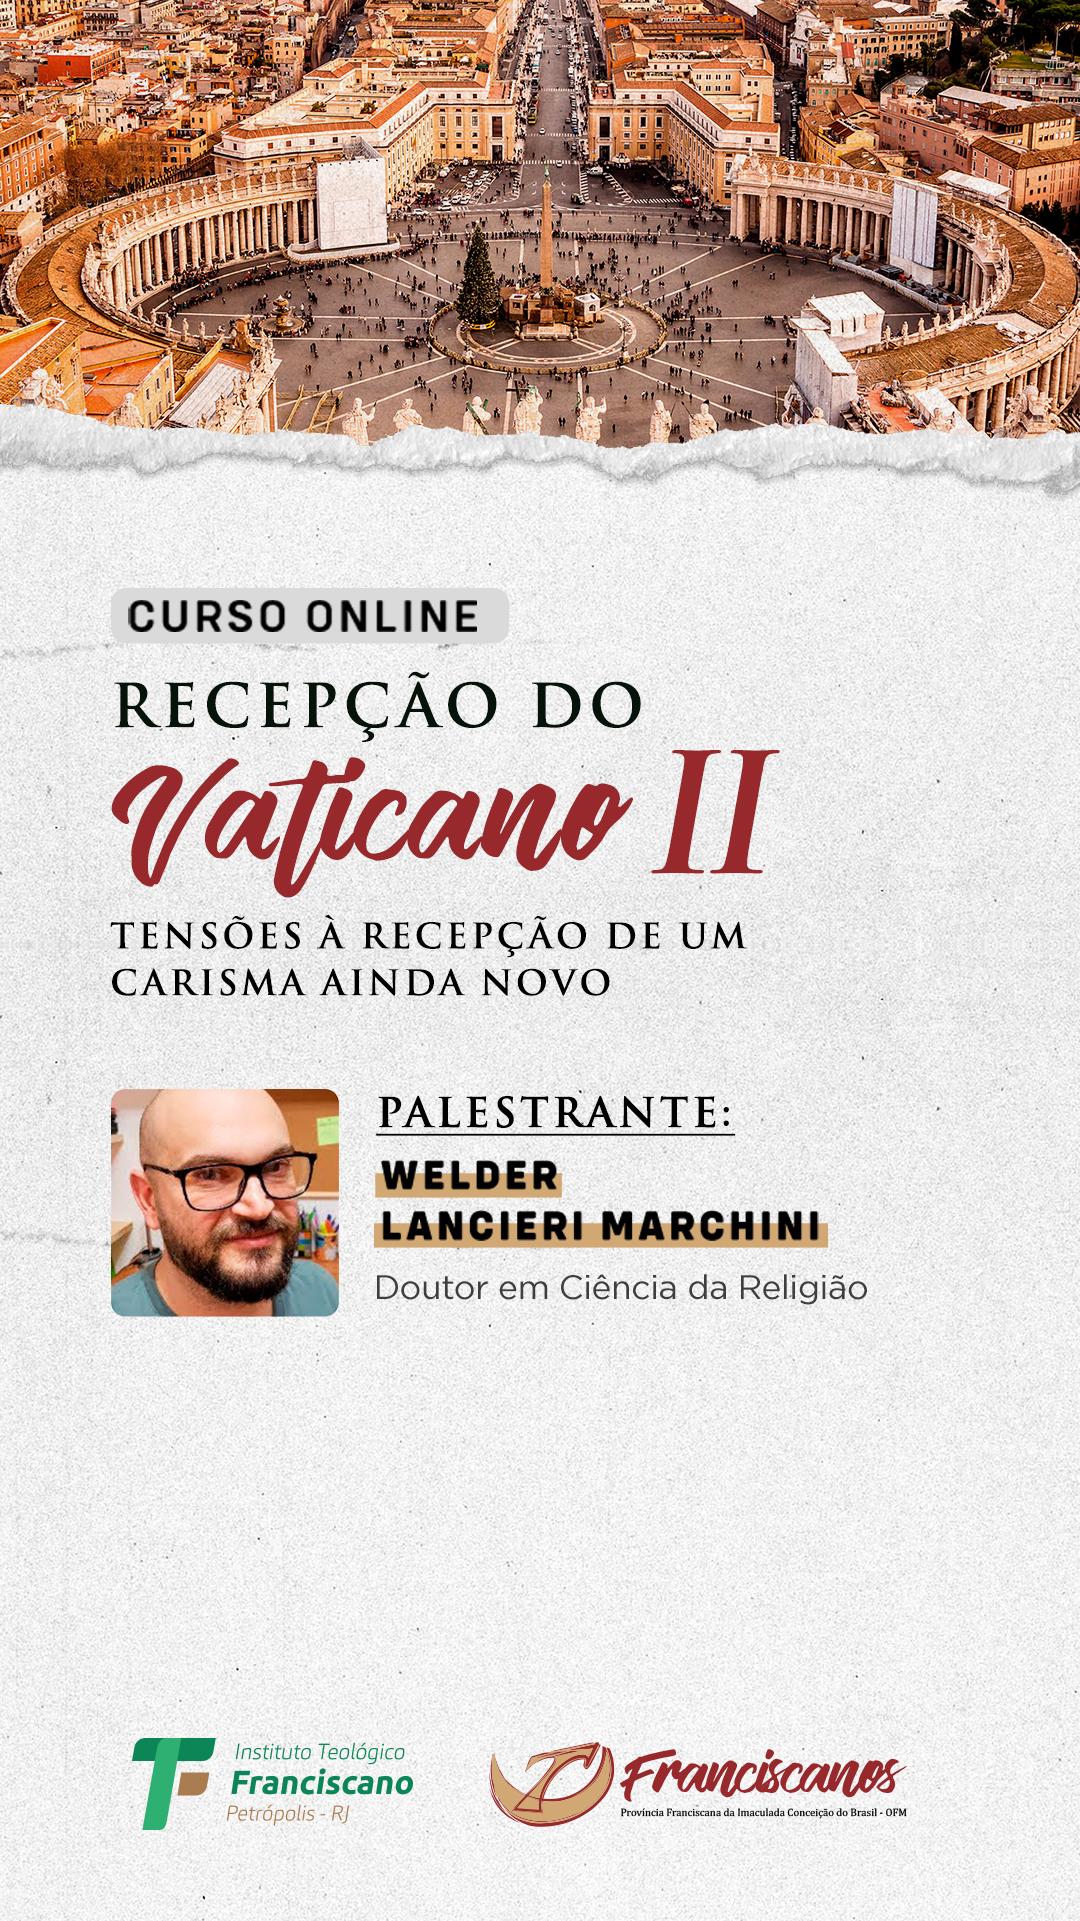 Recepção do Vaticano II: As tensões a fases da recepção de um carisma ainda em curso